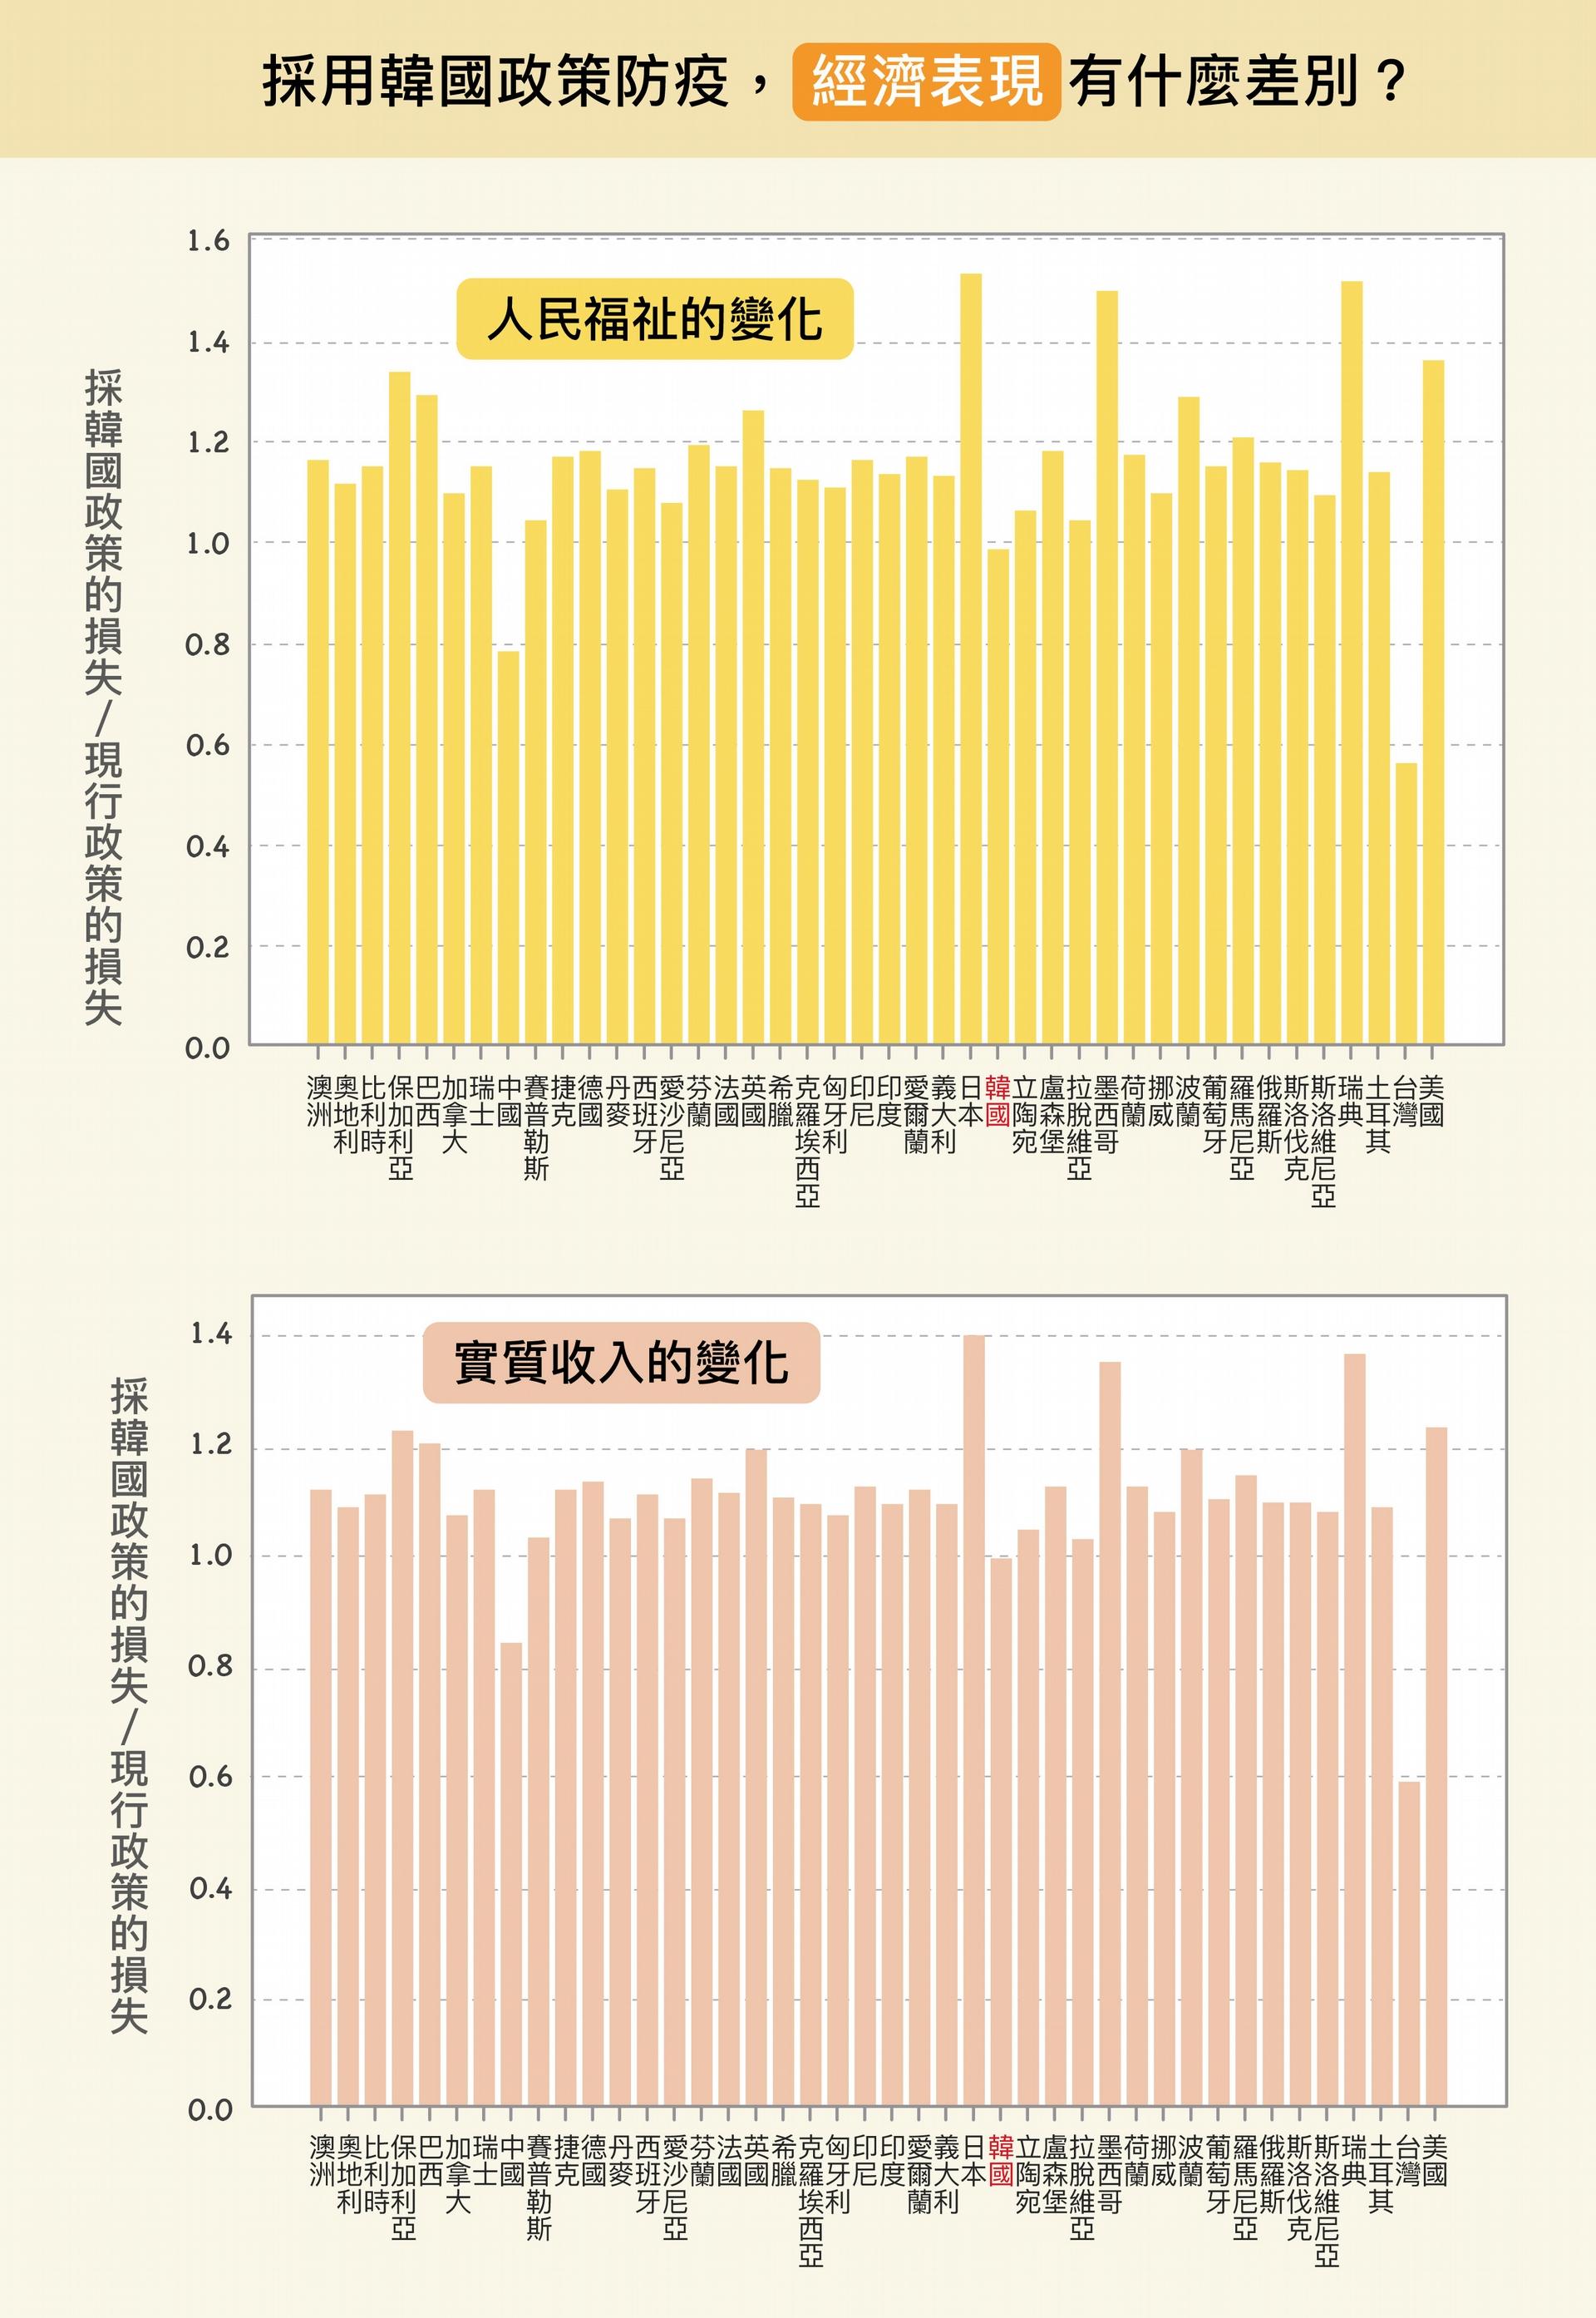 但短期實施後,各國將面臨經濟衝擊。除了中國、臺灣的經濟損失會減少,其他國家的經濟反而更慘烈。原因是,韓國比多數國家防疫限制更嚴格,經濟衝擊因而增加。 圖│研之有物(原圖、資料來源│楊宗翰、許文泰、林軒馳)